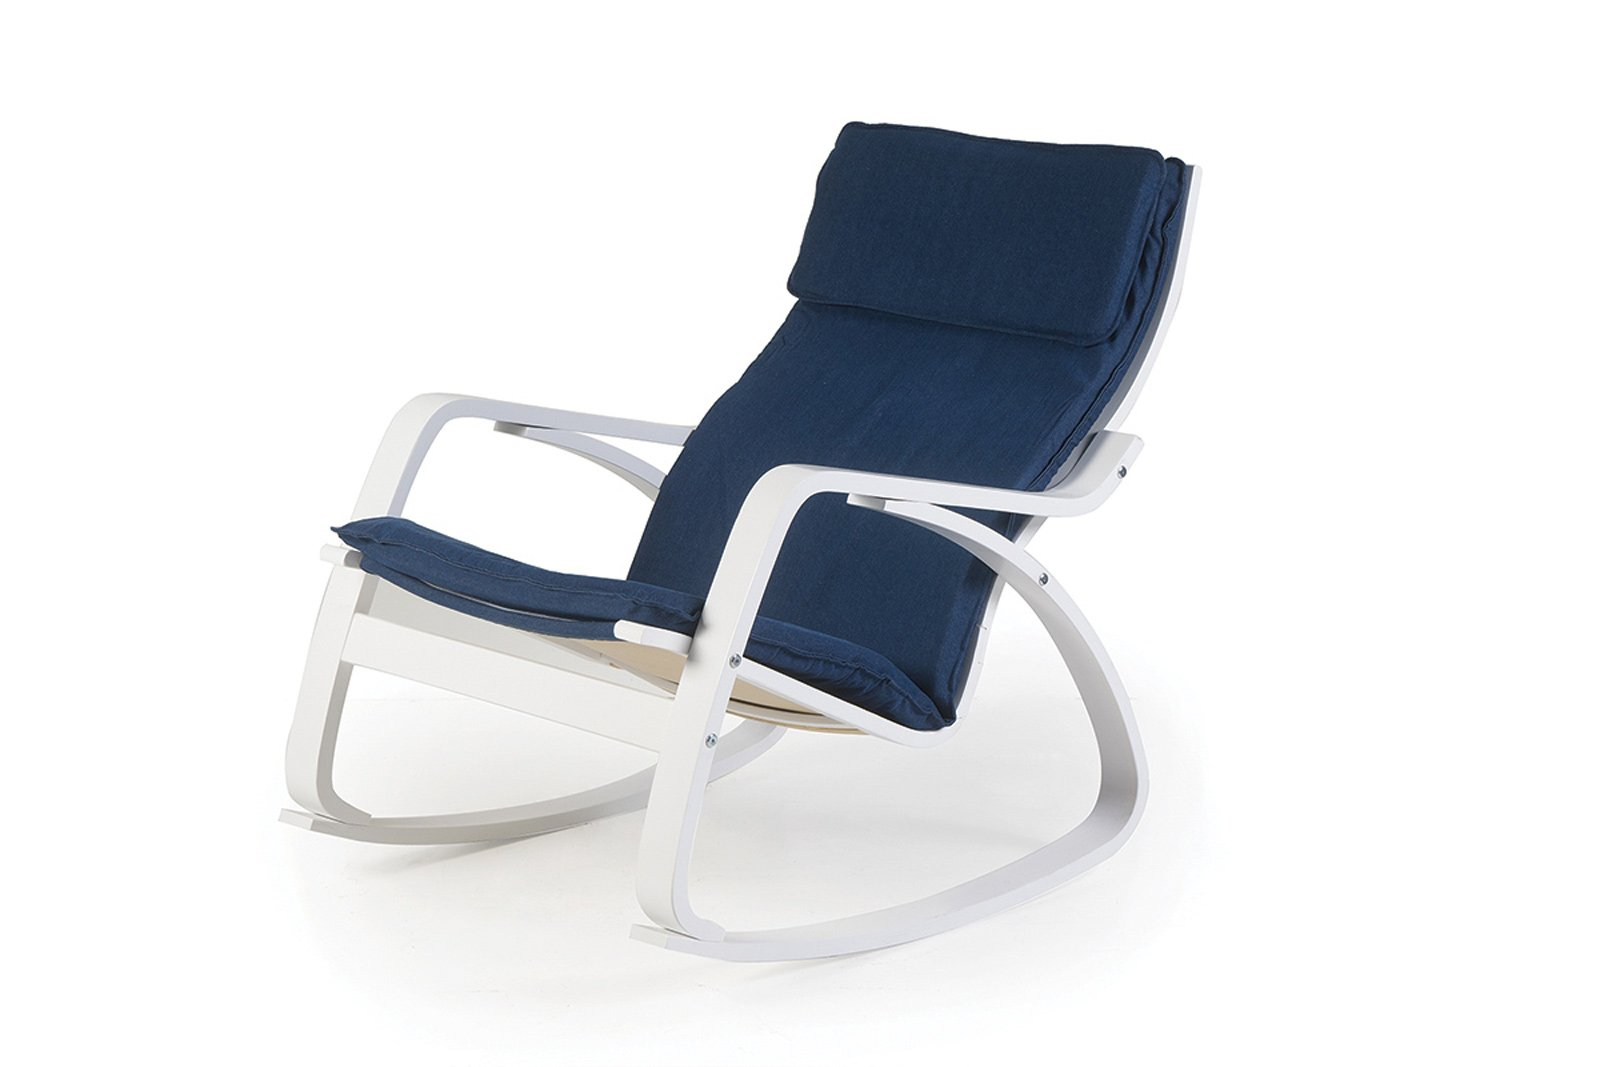 8 miliboo poltrona a dondolo design piedi bianchi seduta blu gabe 31474 1000 cose di casa - Poltrona a dondolo di design ...